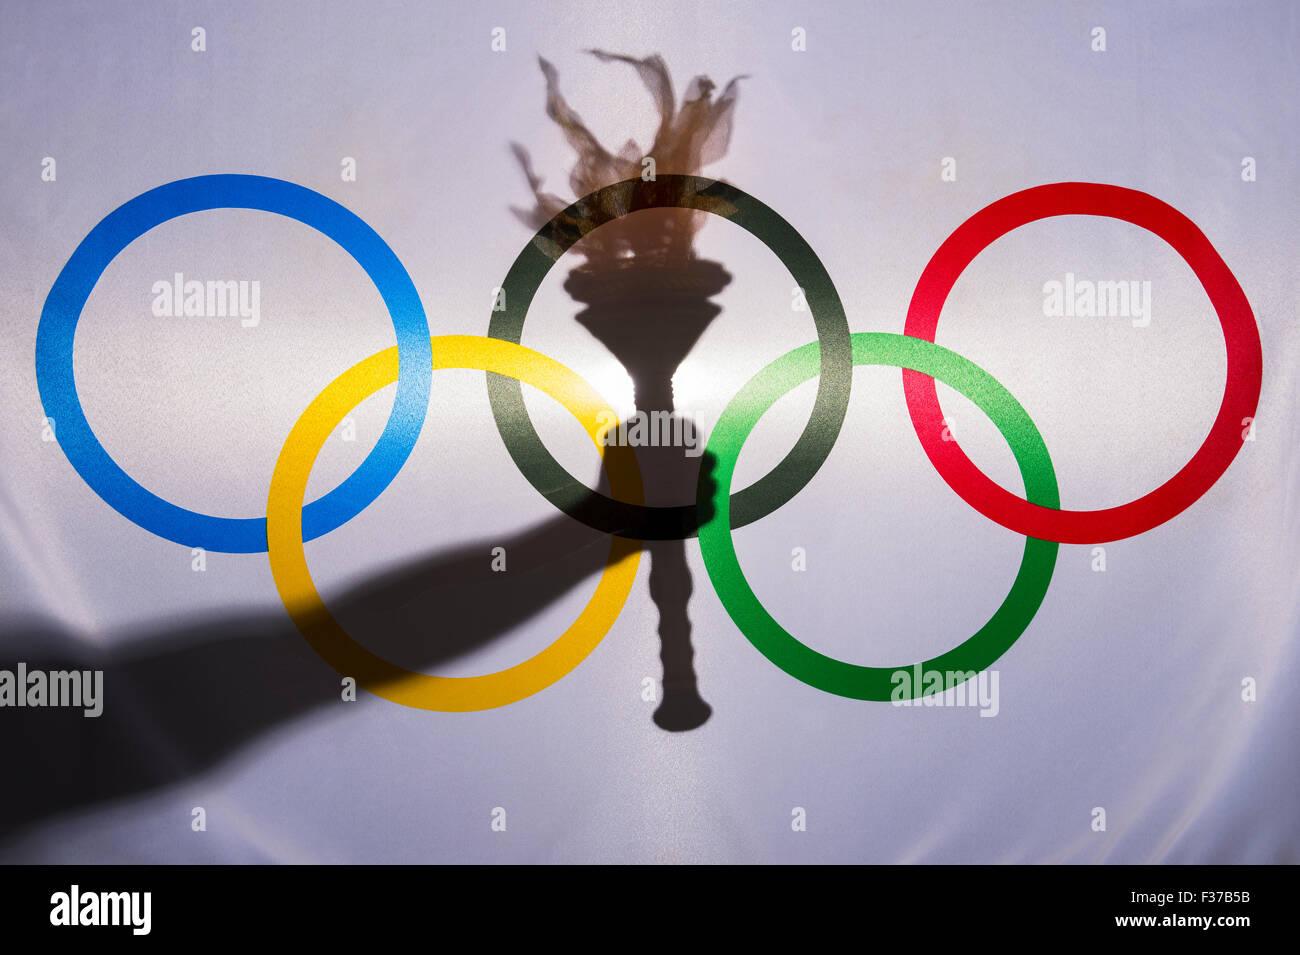 RIO DE JANEIRO, Brésil - 3 février, 2015: Silhouette de main tenant flambeau sport derrière Photo Stock